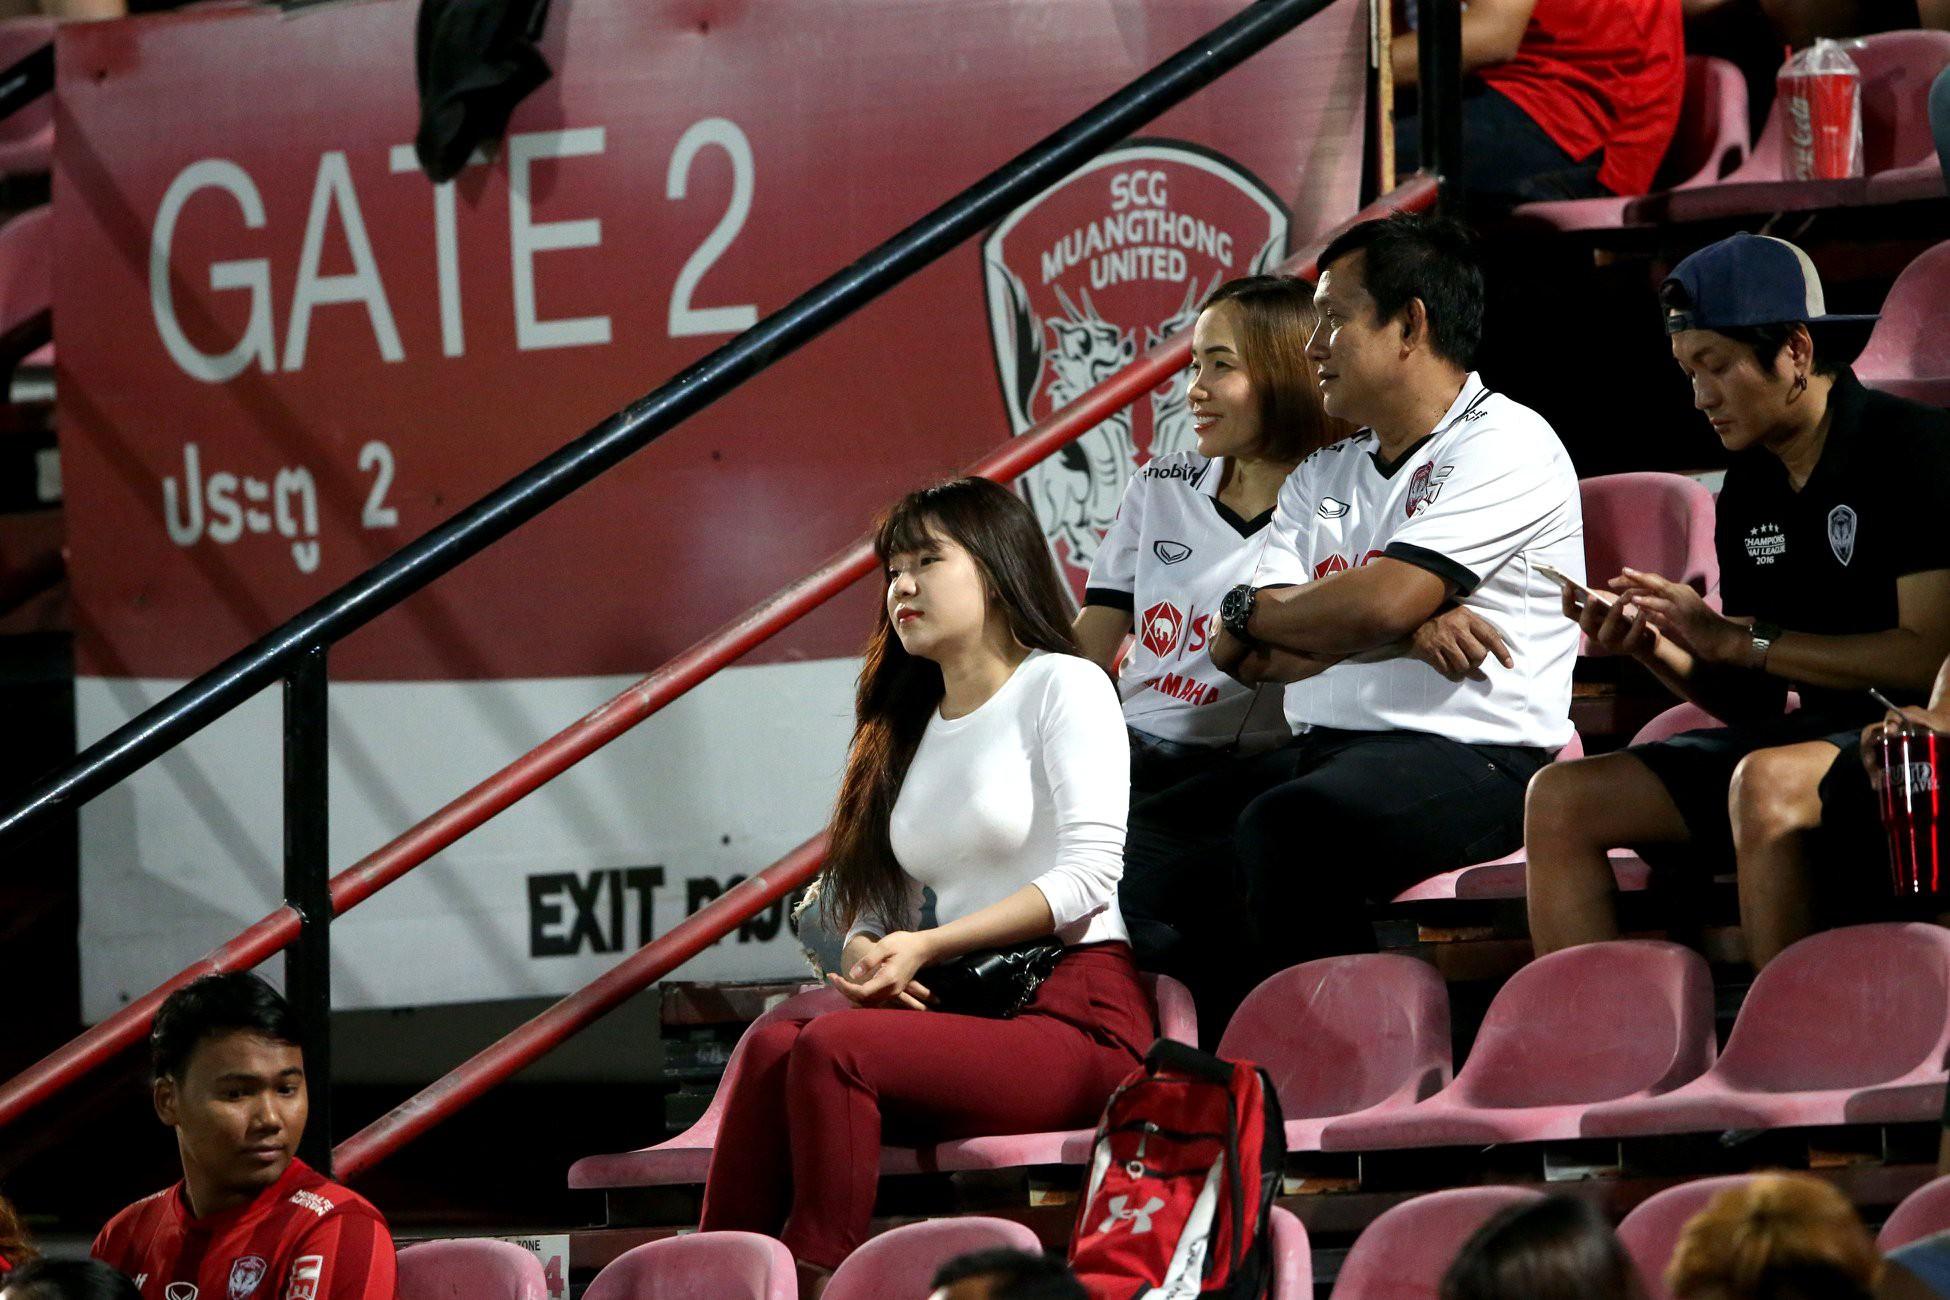 Yến Xuân thu hút trên khán đài, theo dõi bạn trai Văn Lâm bắt trận ra mắt Muangthong United-2